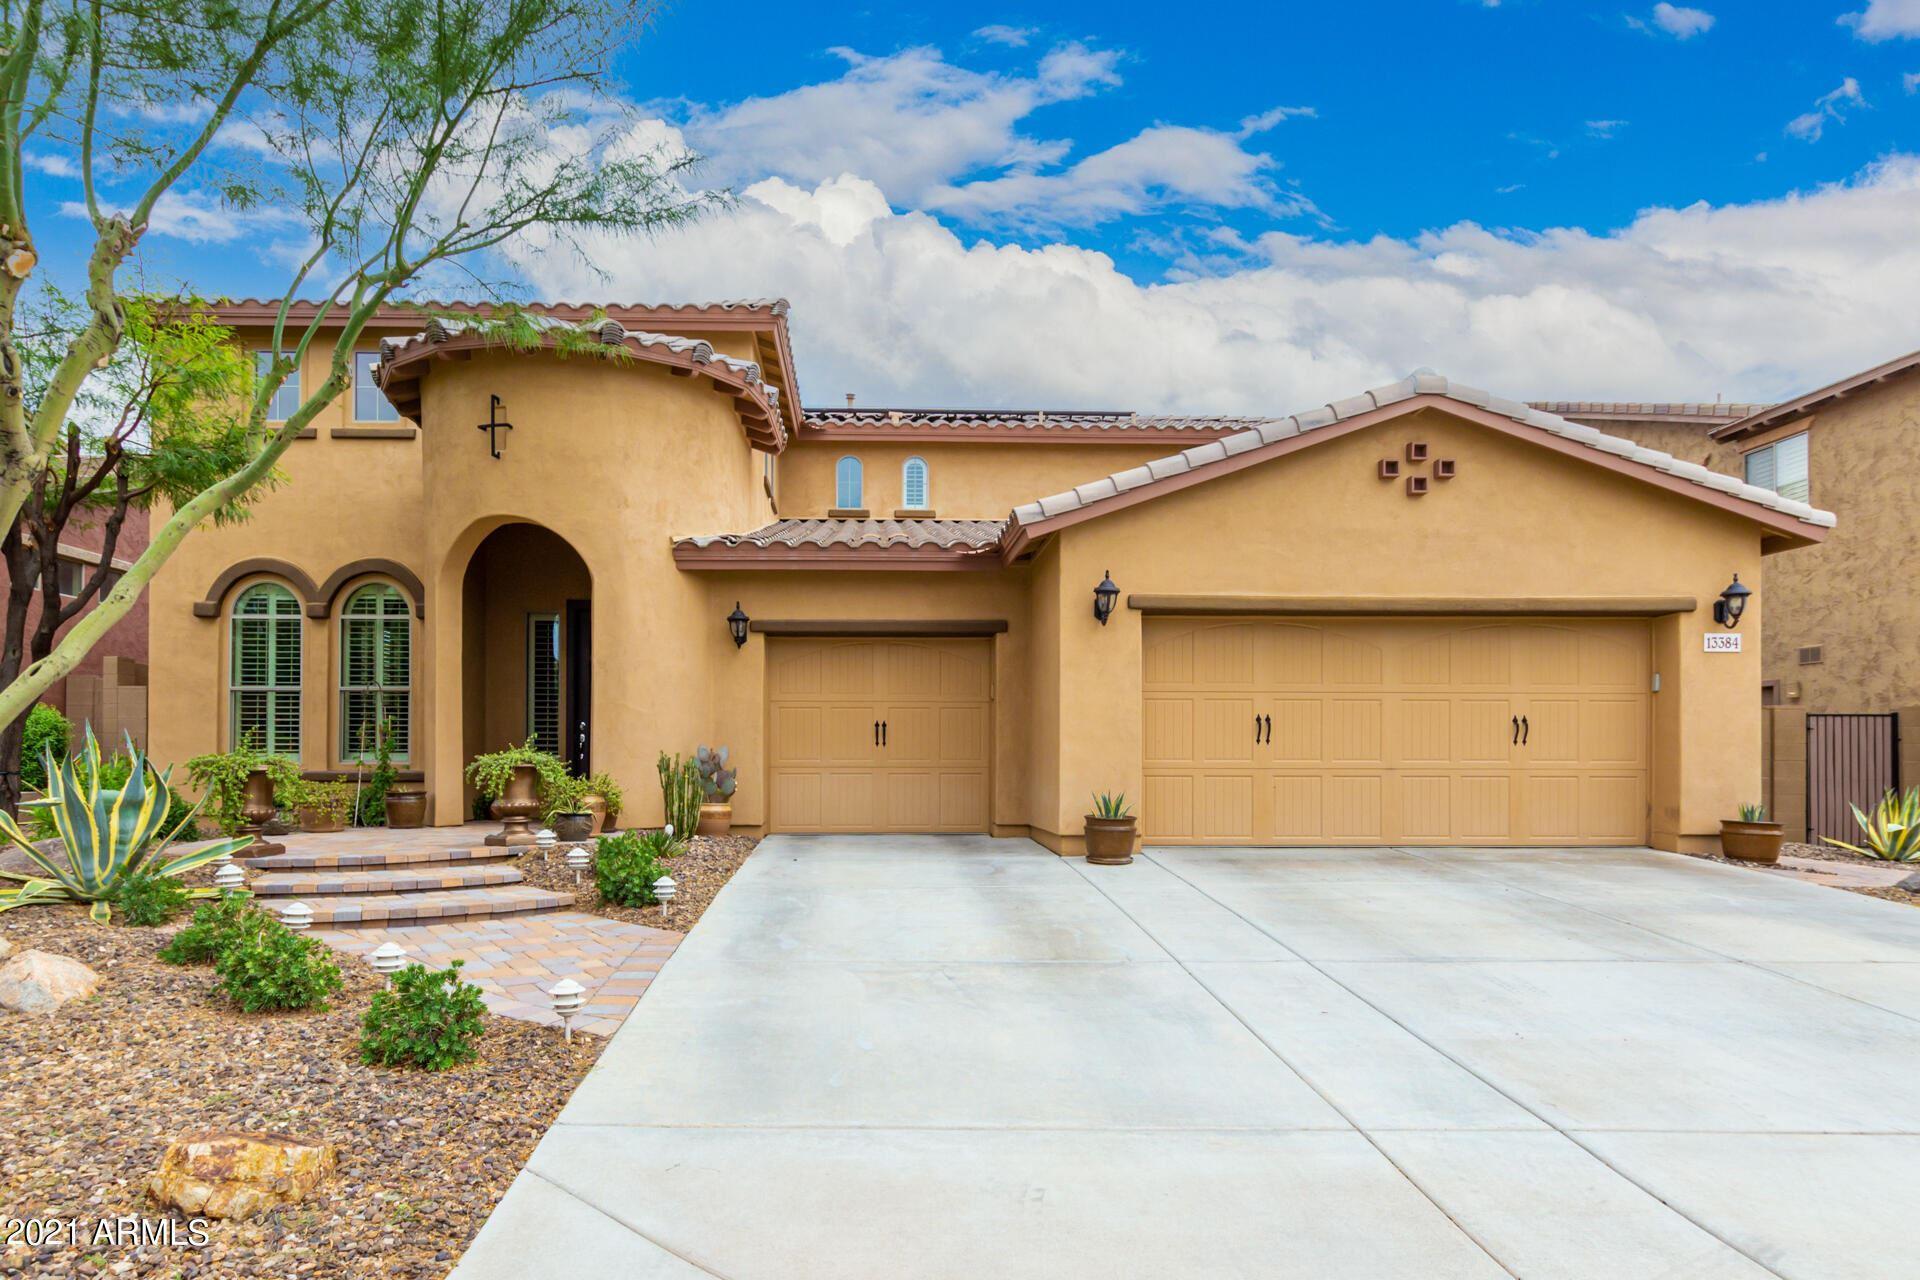 13384 W TYLER Trail, Peoria, AZ 85383 - MLS#: 6268103